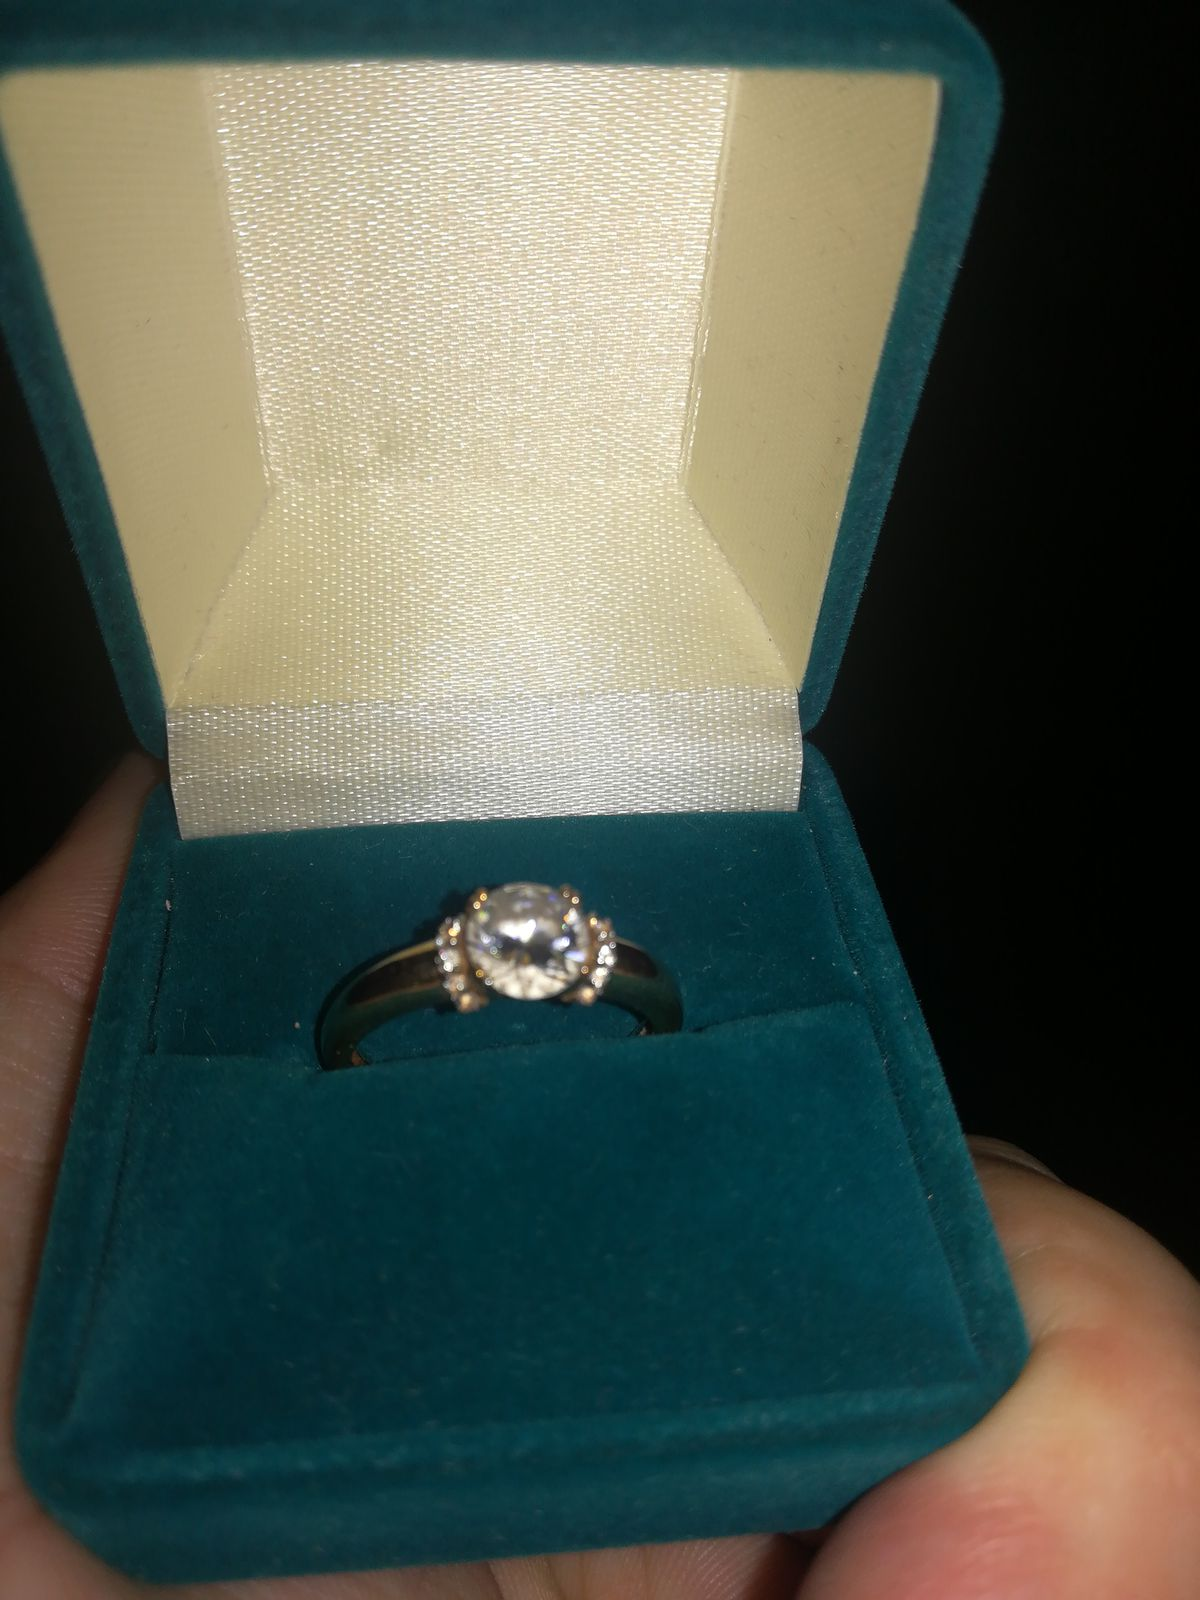 Красивое, сверкающее кольцо))